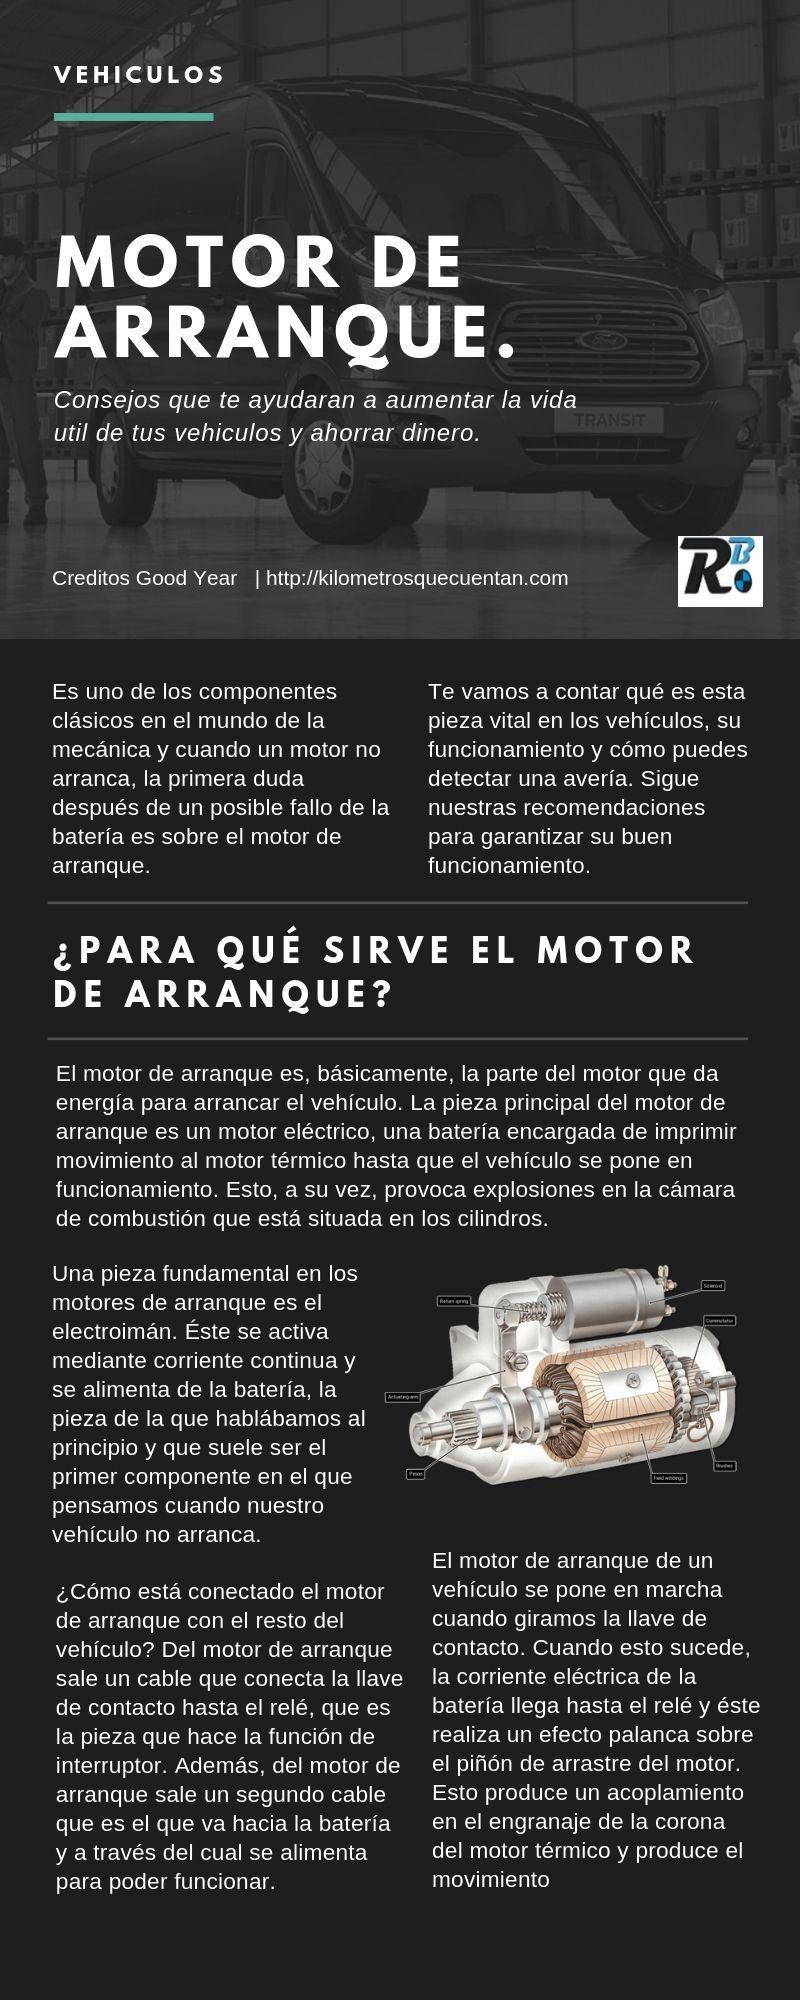 Aumenta la vida útil del motor de arranque de tus vehículos.